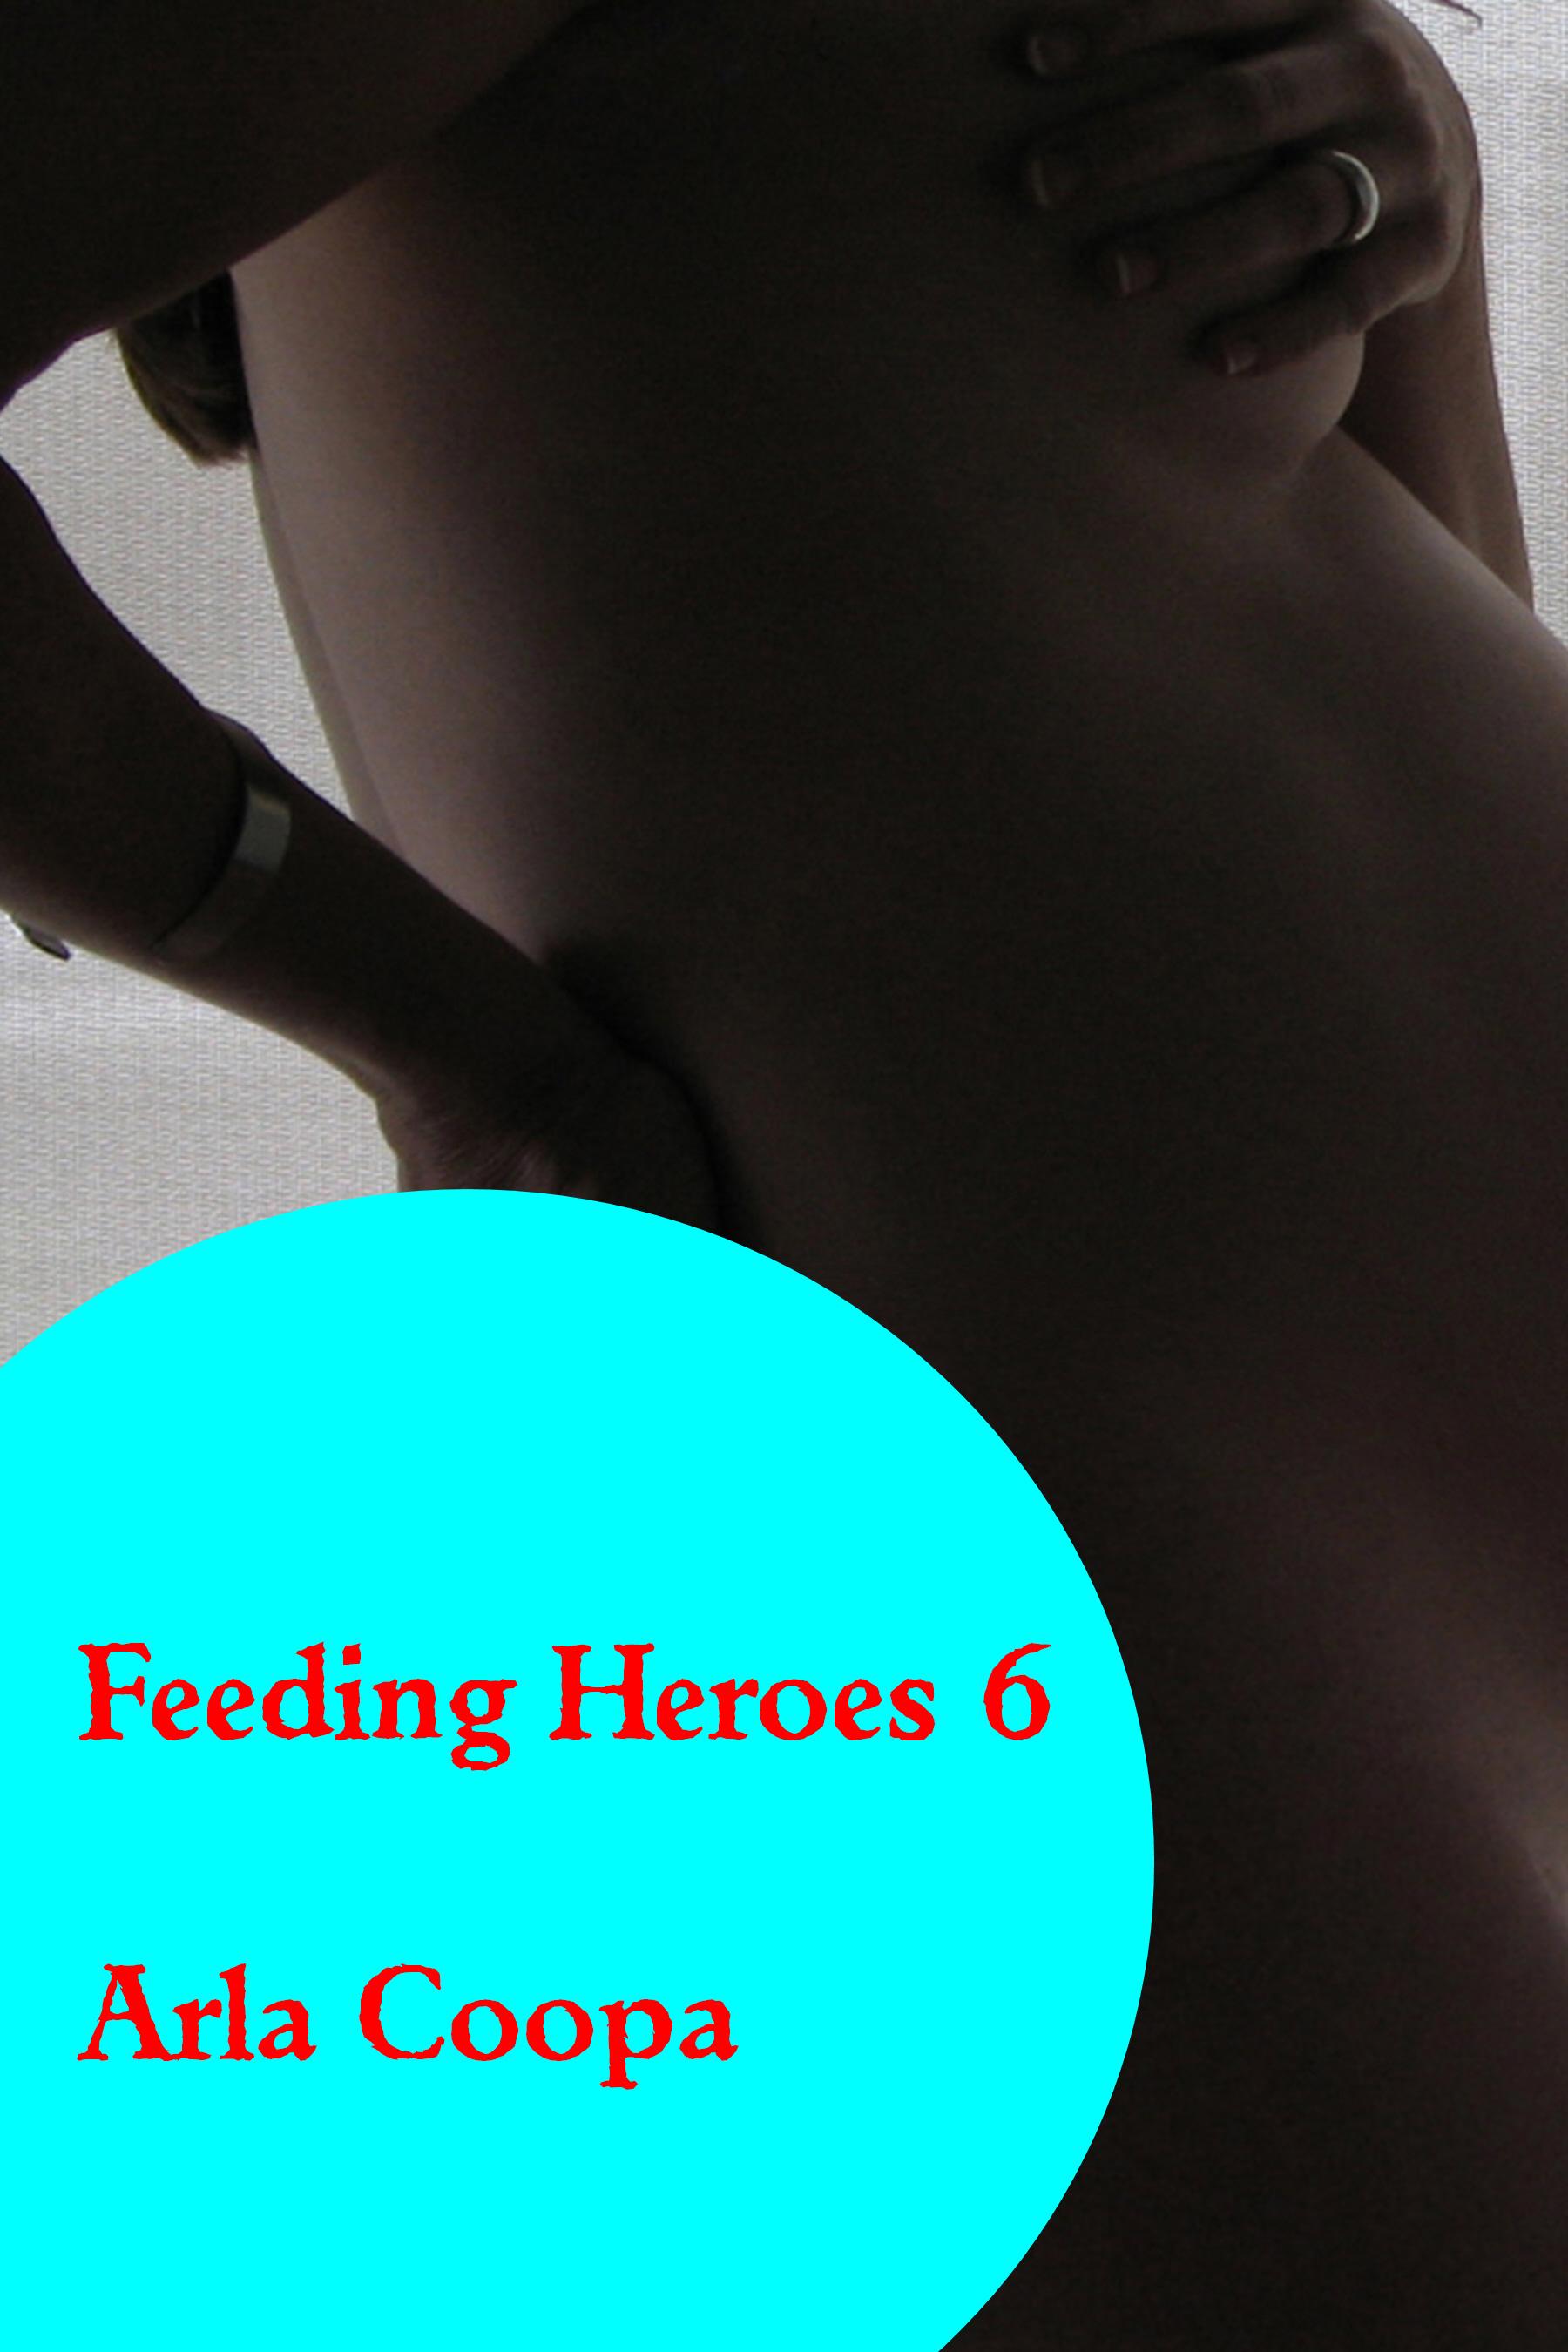 Feeding Heroes 6 Arla Coopa